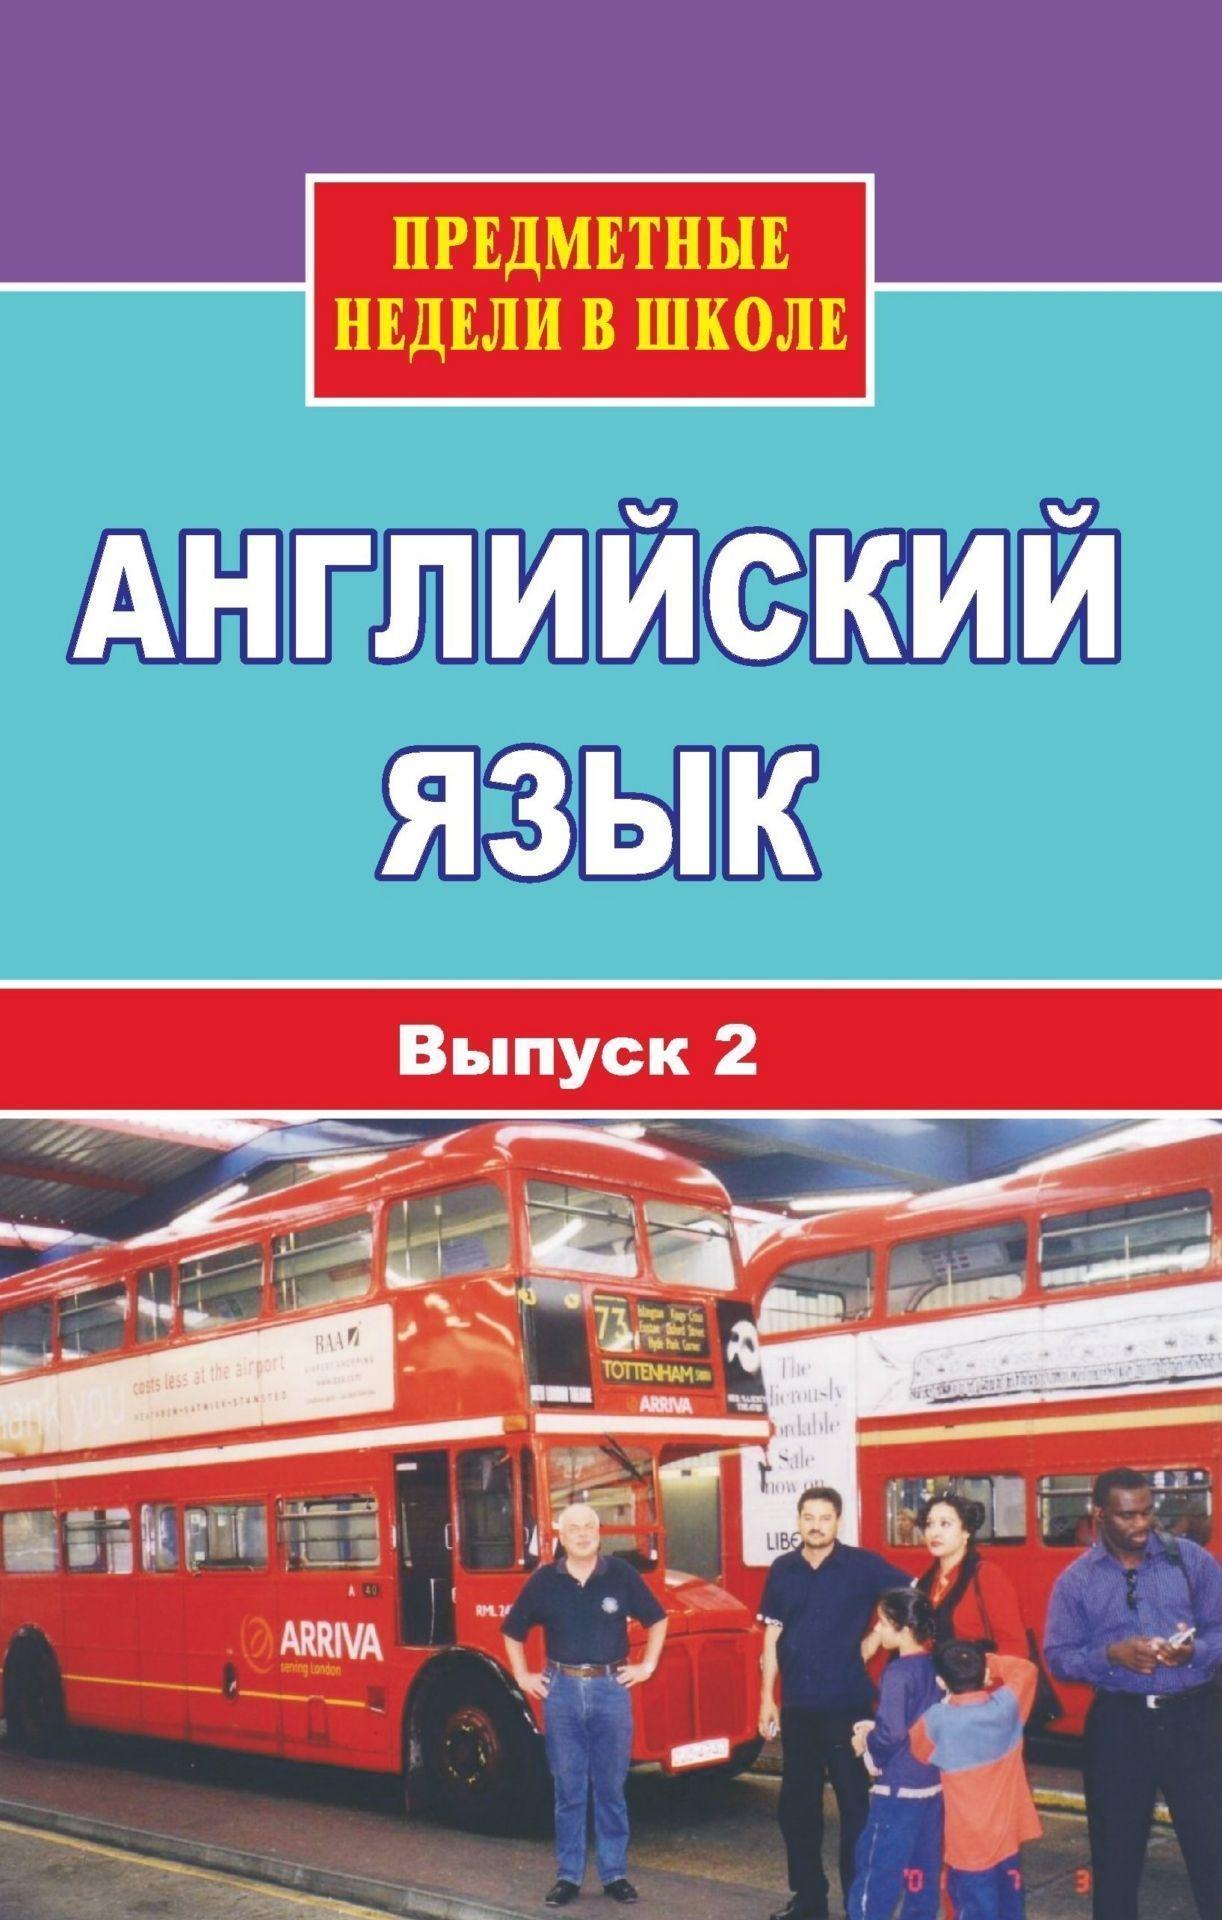 Английский язык. Предметные недели в школе.  Вып. 2